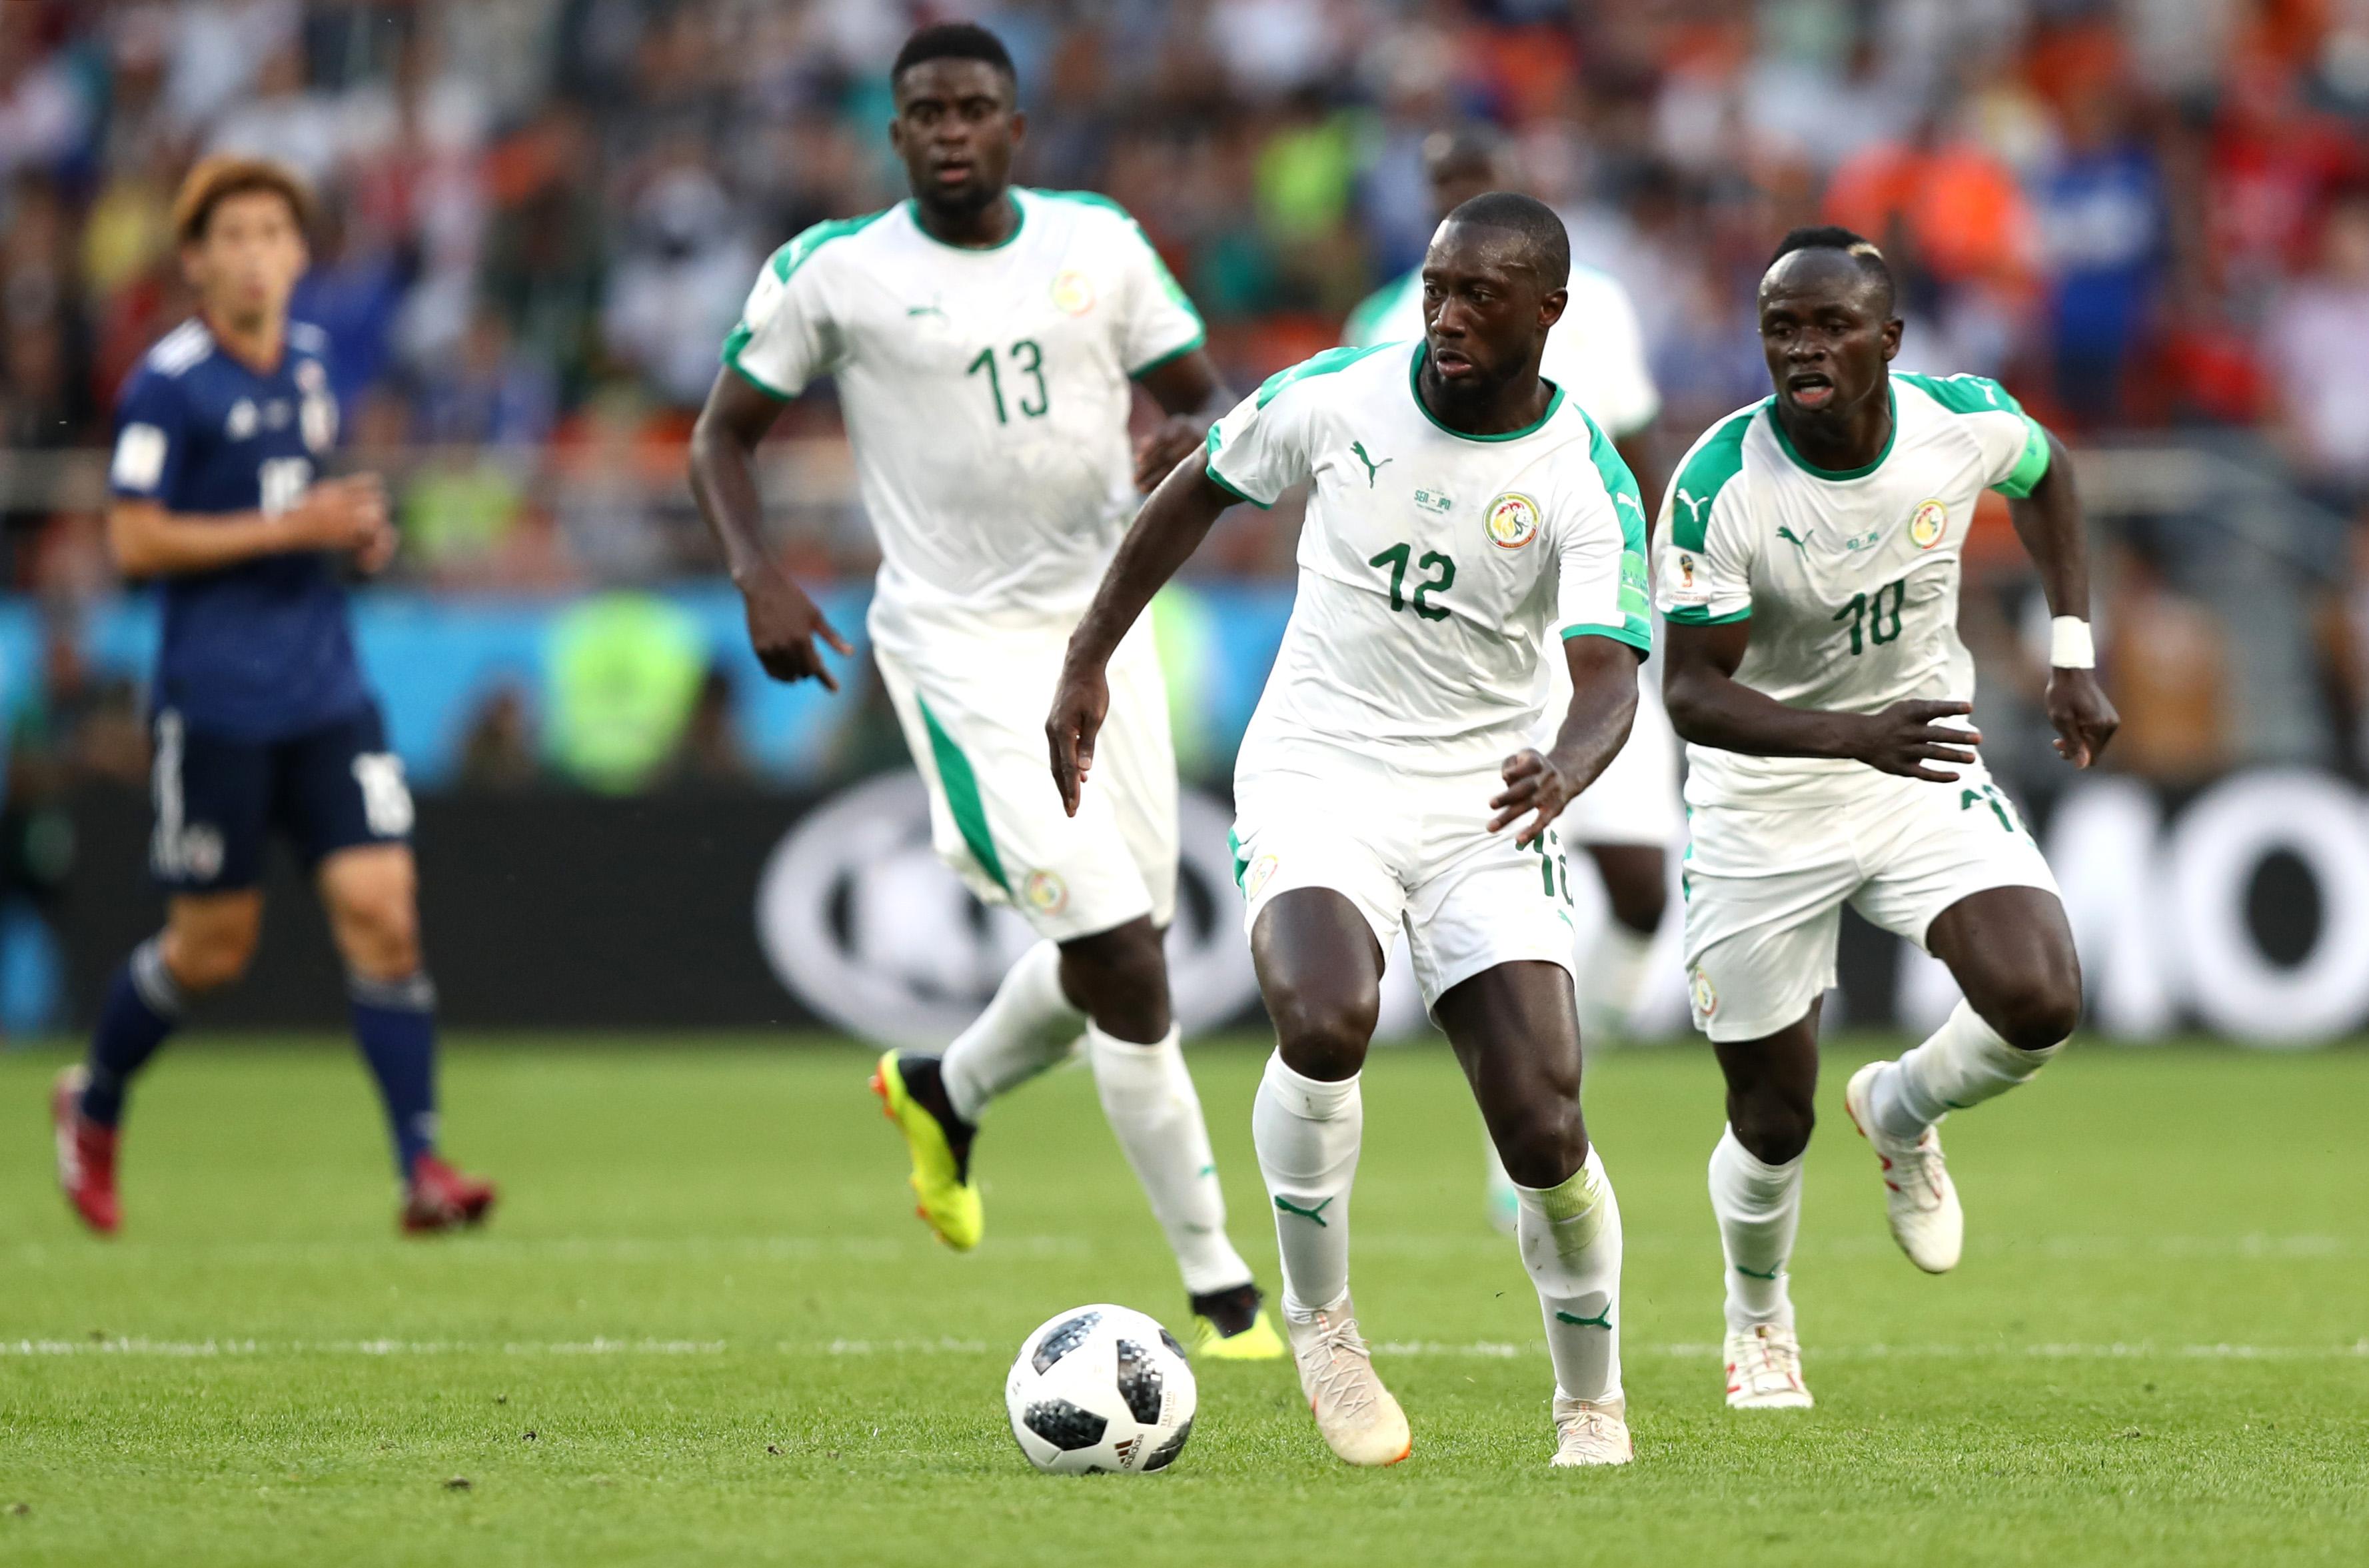 Classement FIFA : Les Lions, roi d'Afrique